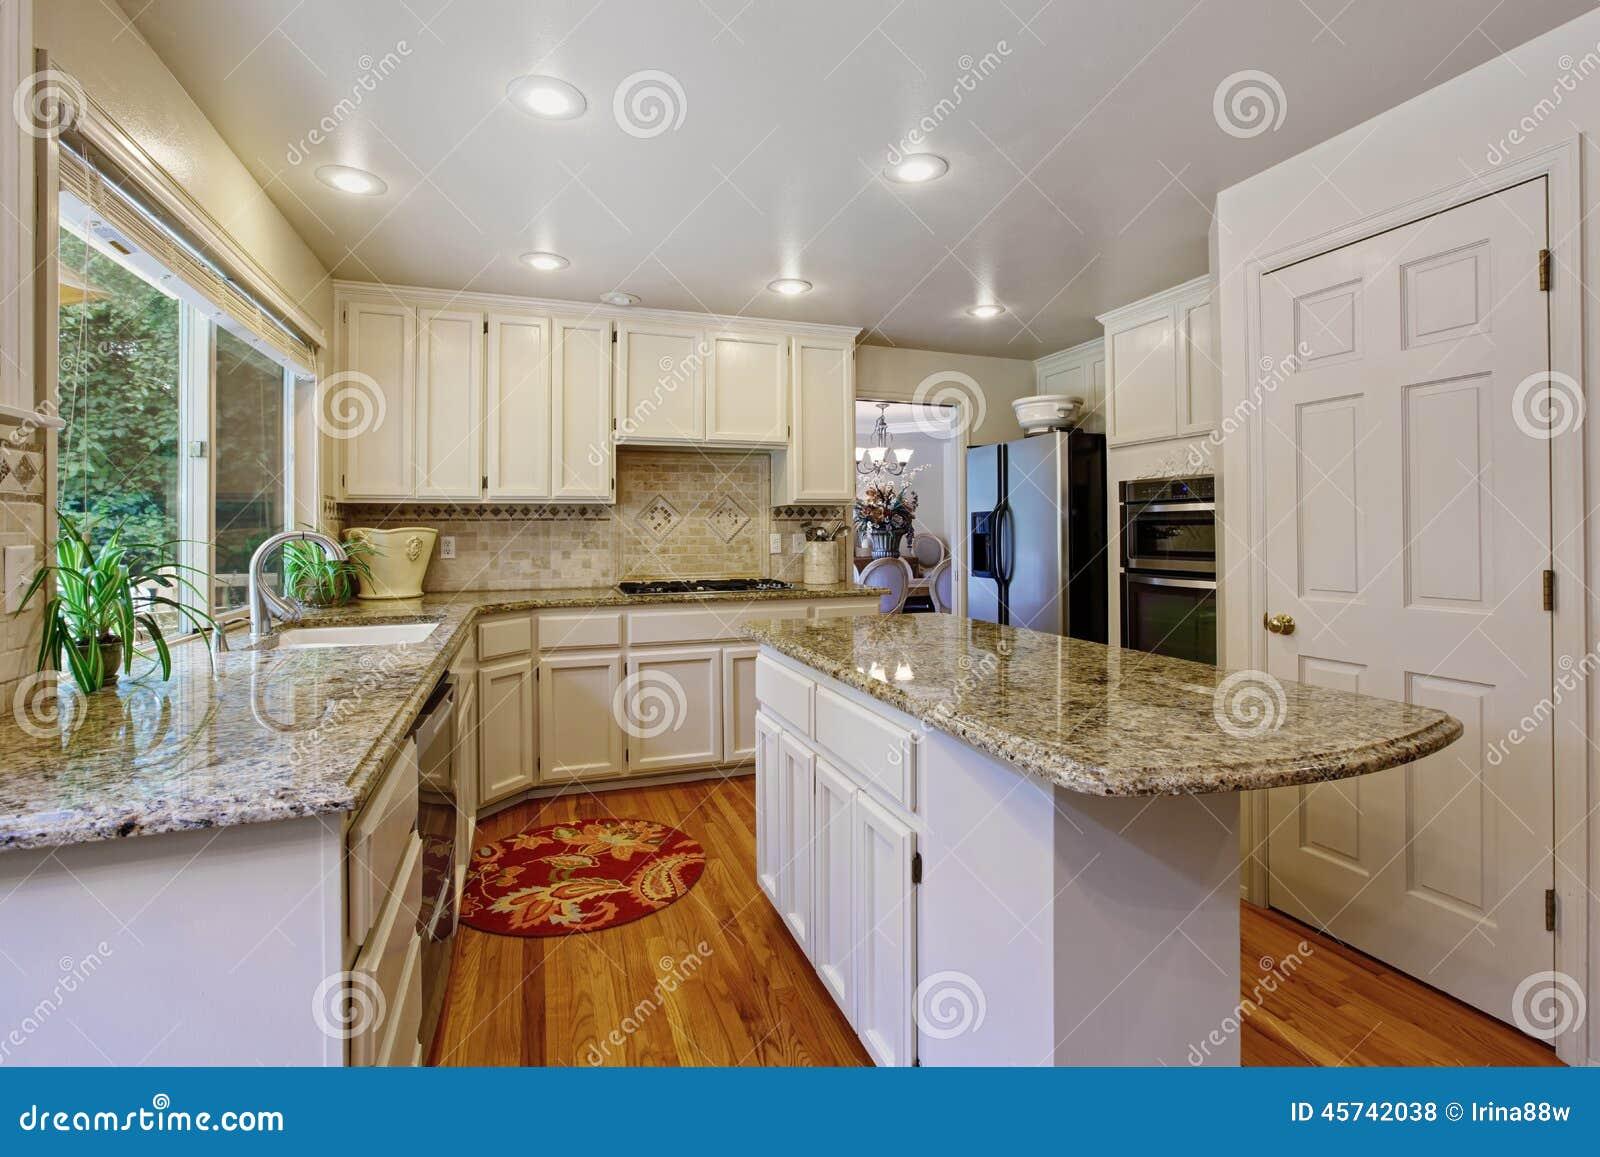 Cucina con isola misure dimensione with cucina con isola - Isola per cucina prezzi ...